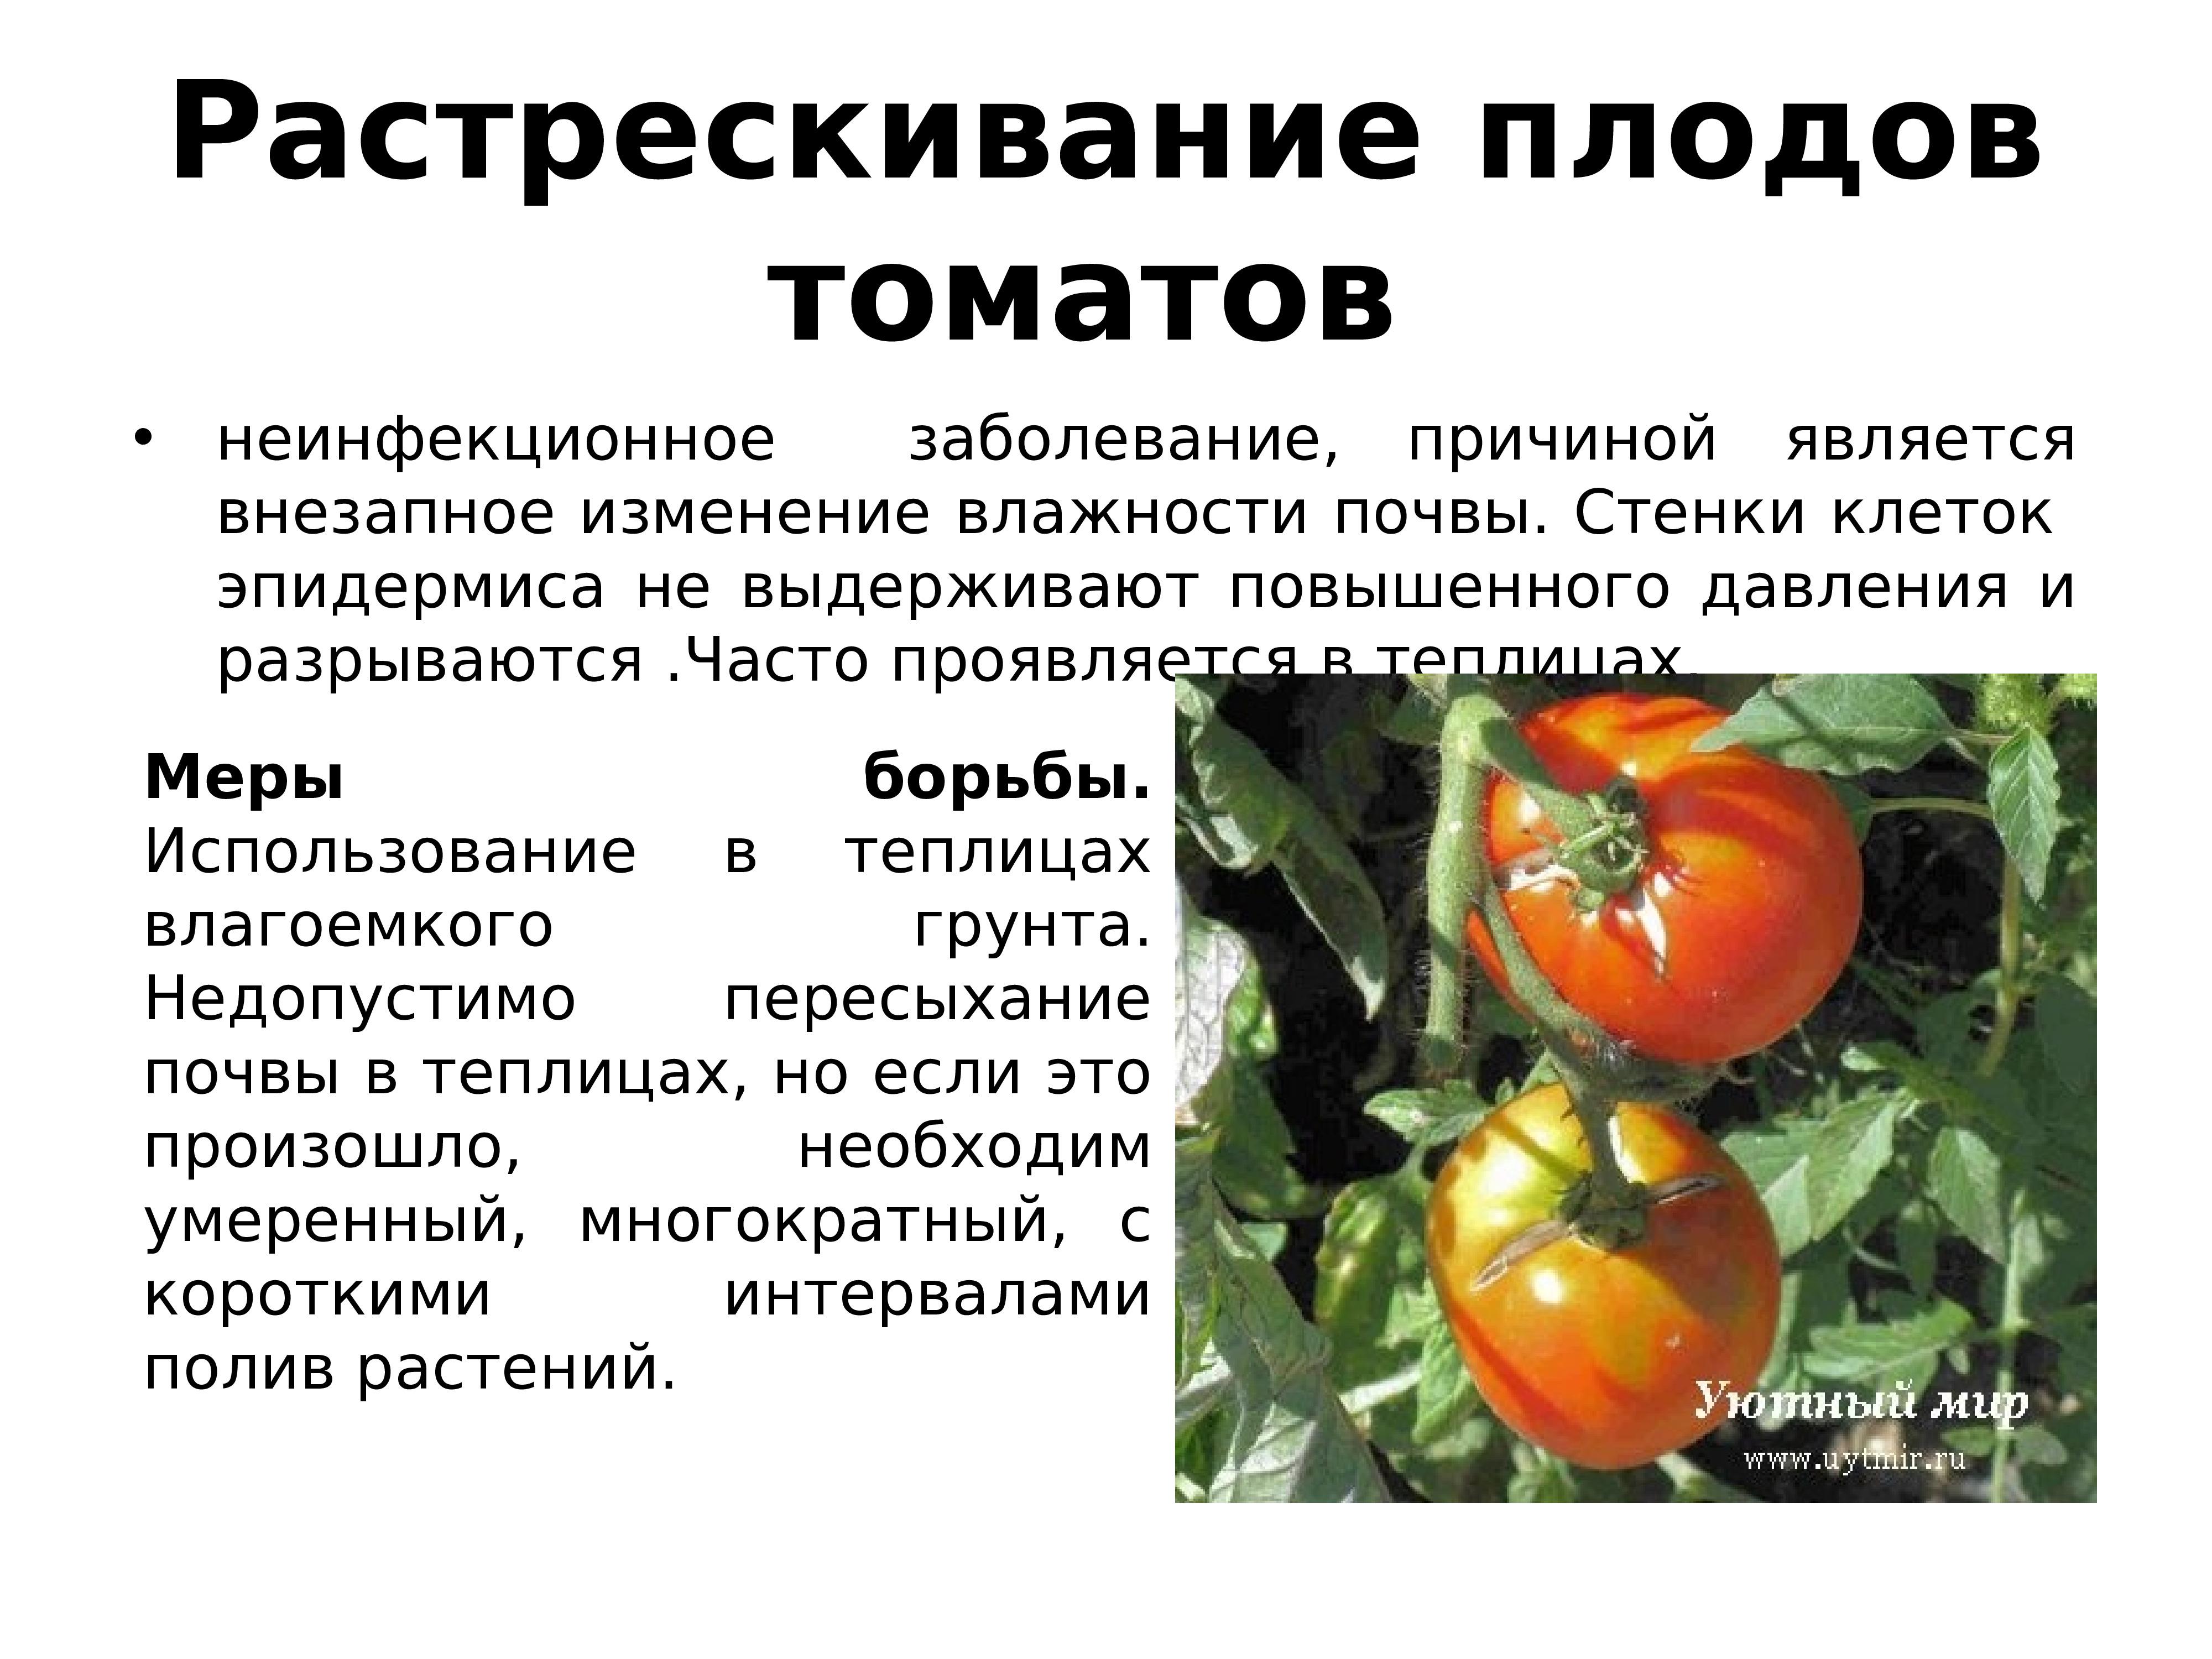 Уход за помидорами после посадки: советы, как его организовать, начиная с полива семян и до мульчирования почвы для хорошего урожая, а также фото кустов томатов русский фермер